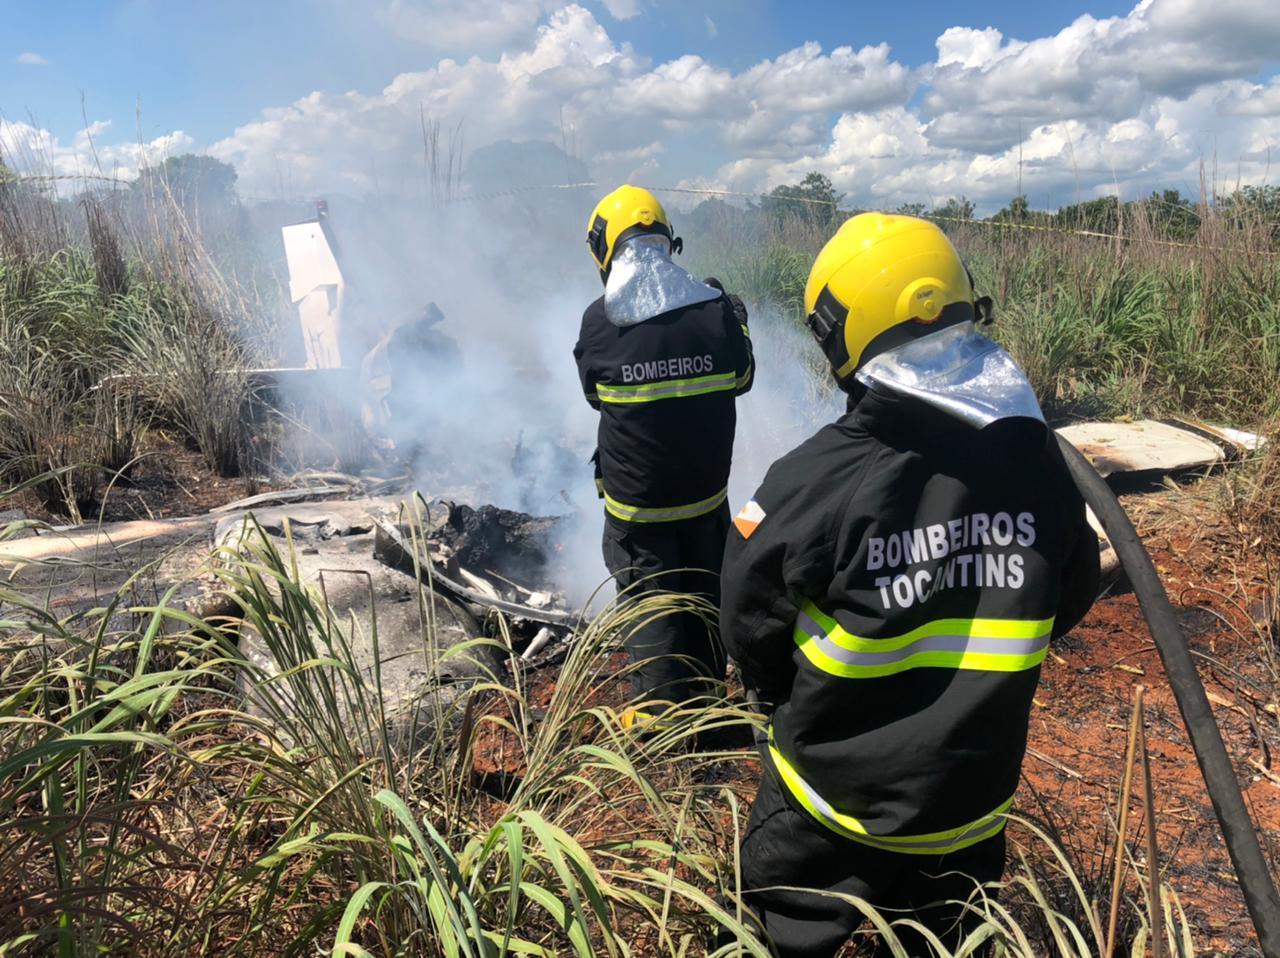 Bombeiros trabalham no local do acidente